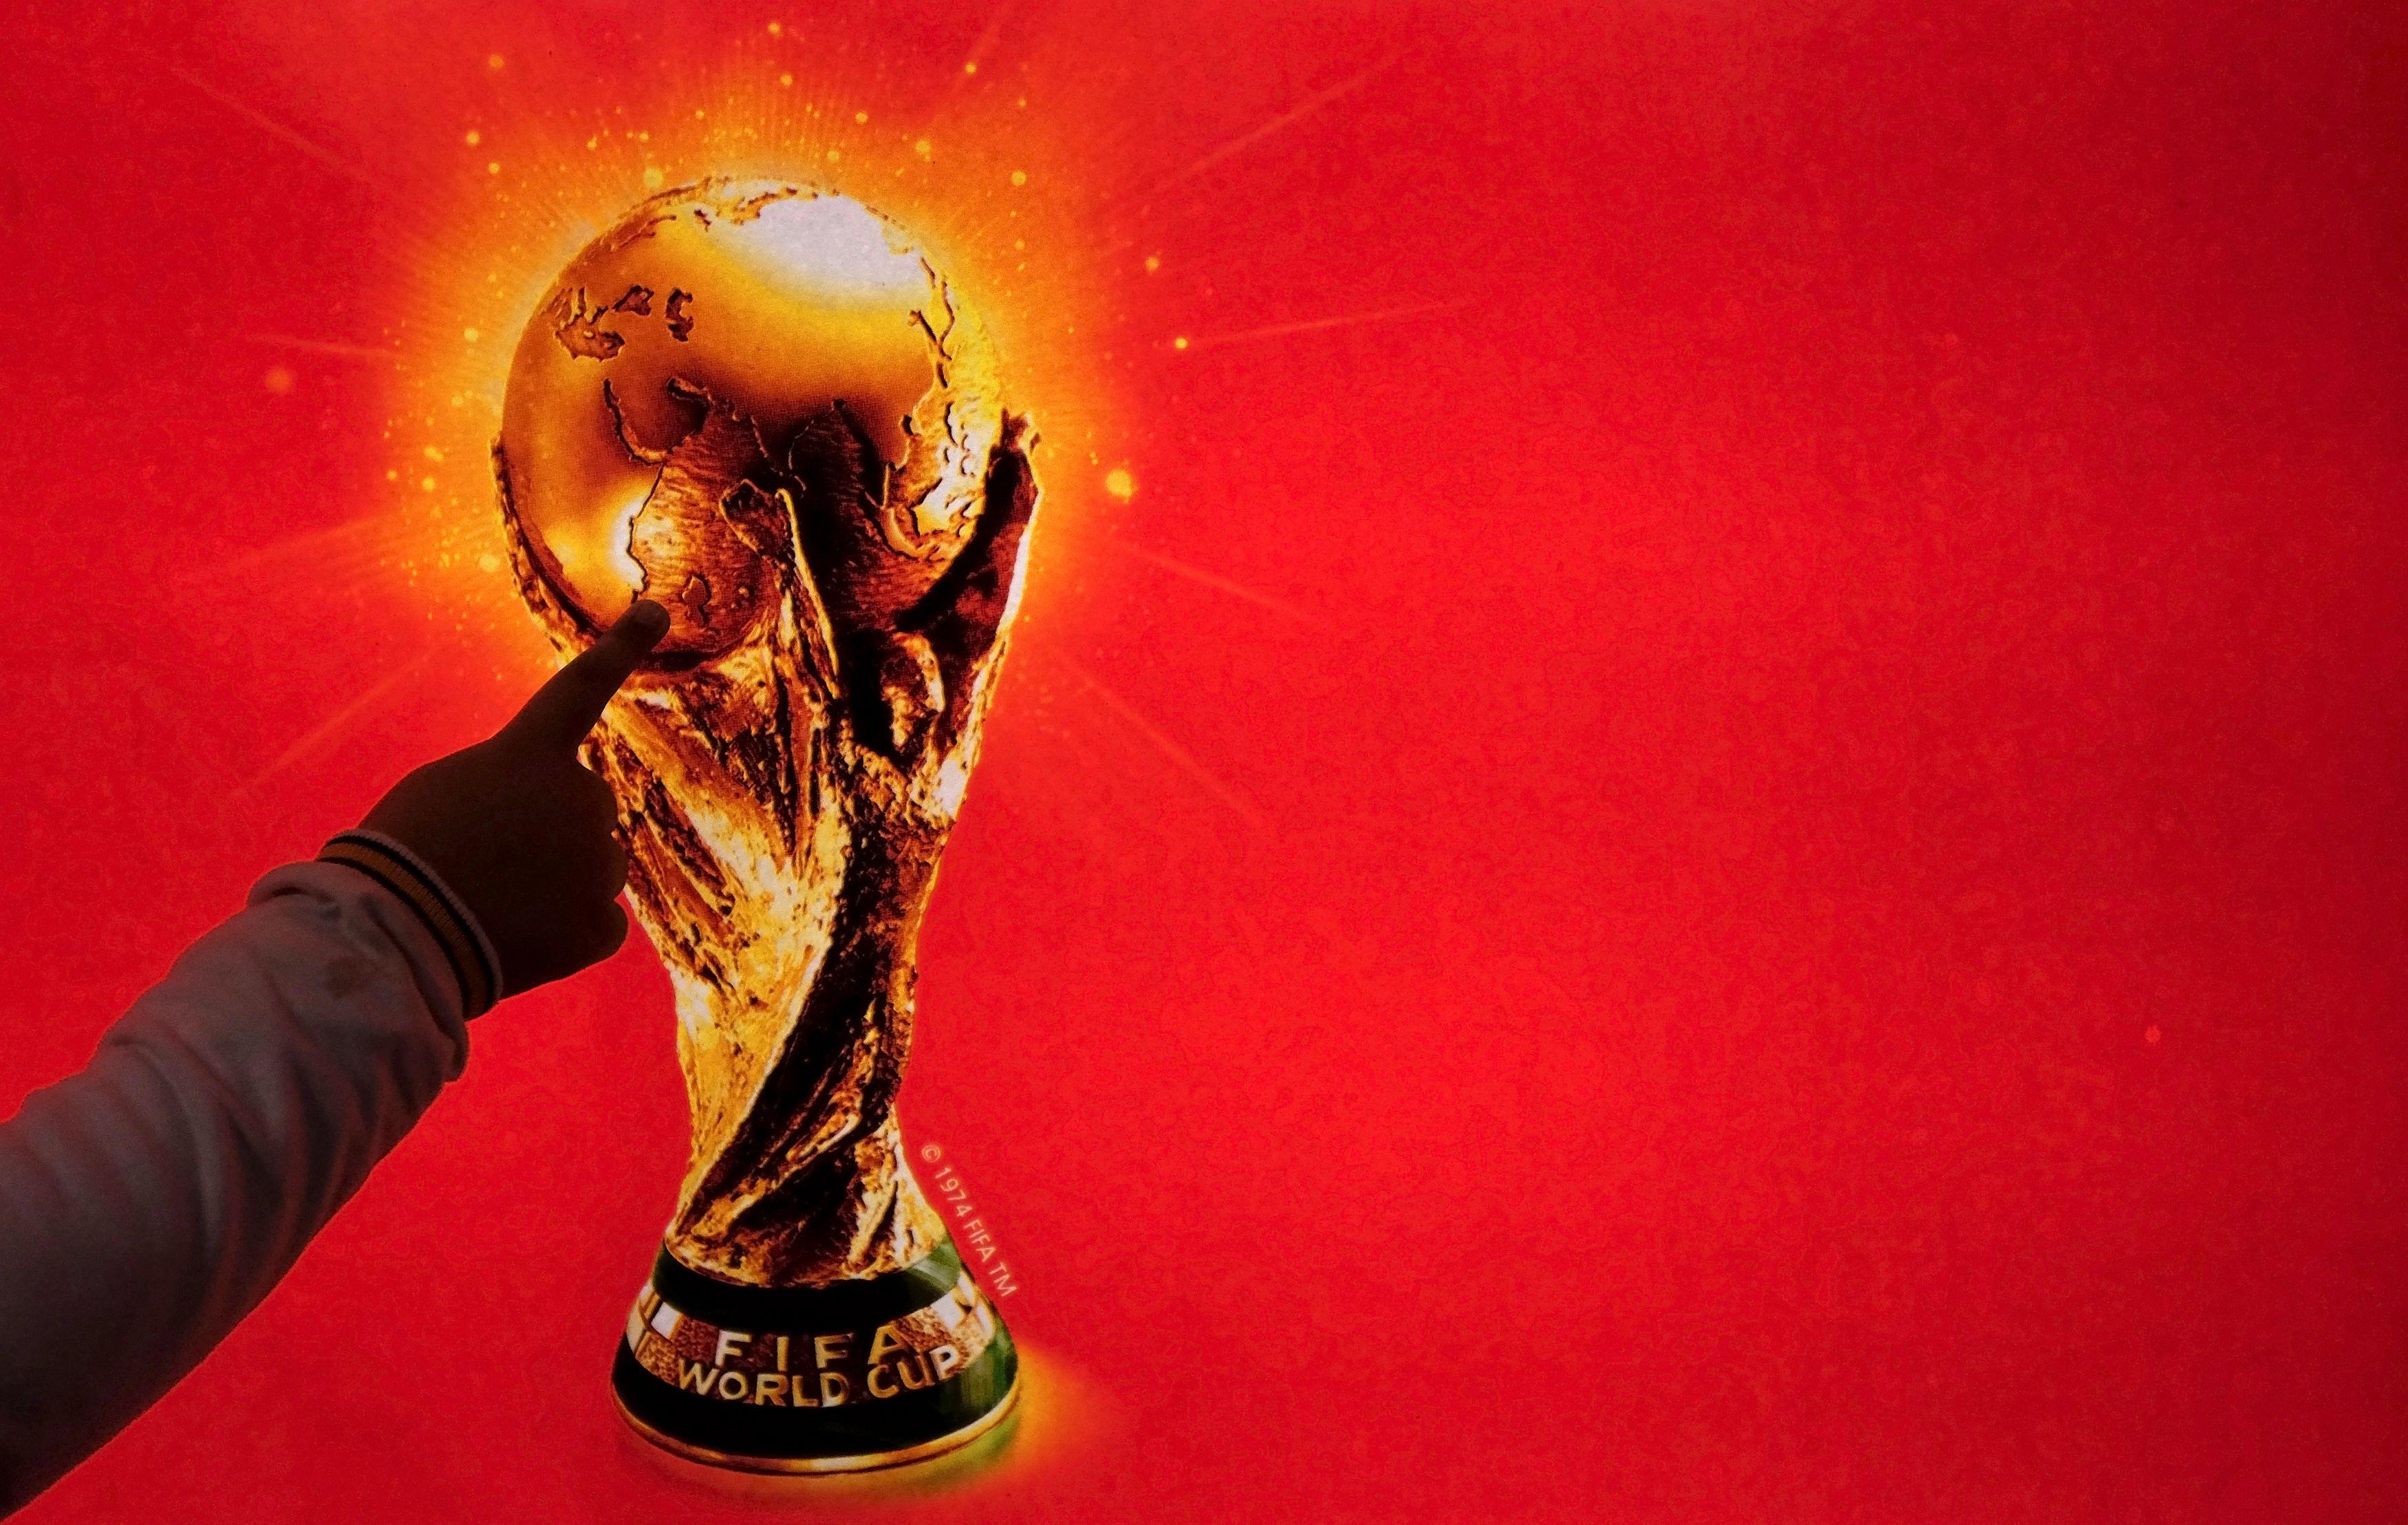 Coupe du monde 2014, ce qui nous attend: plus de télé mais moins d'électricité, plus de cigarettes mais moins de sexe